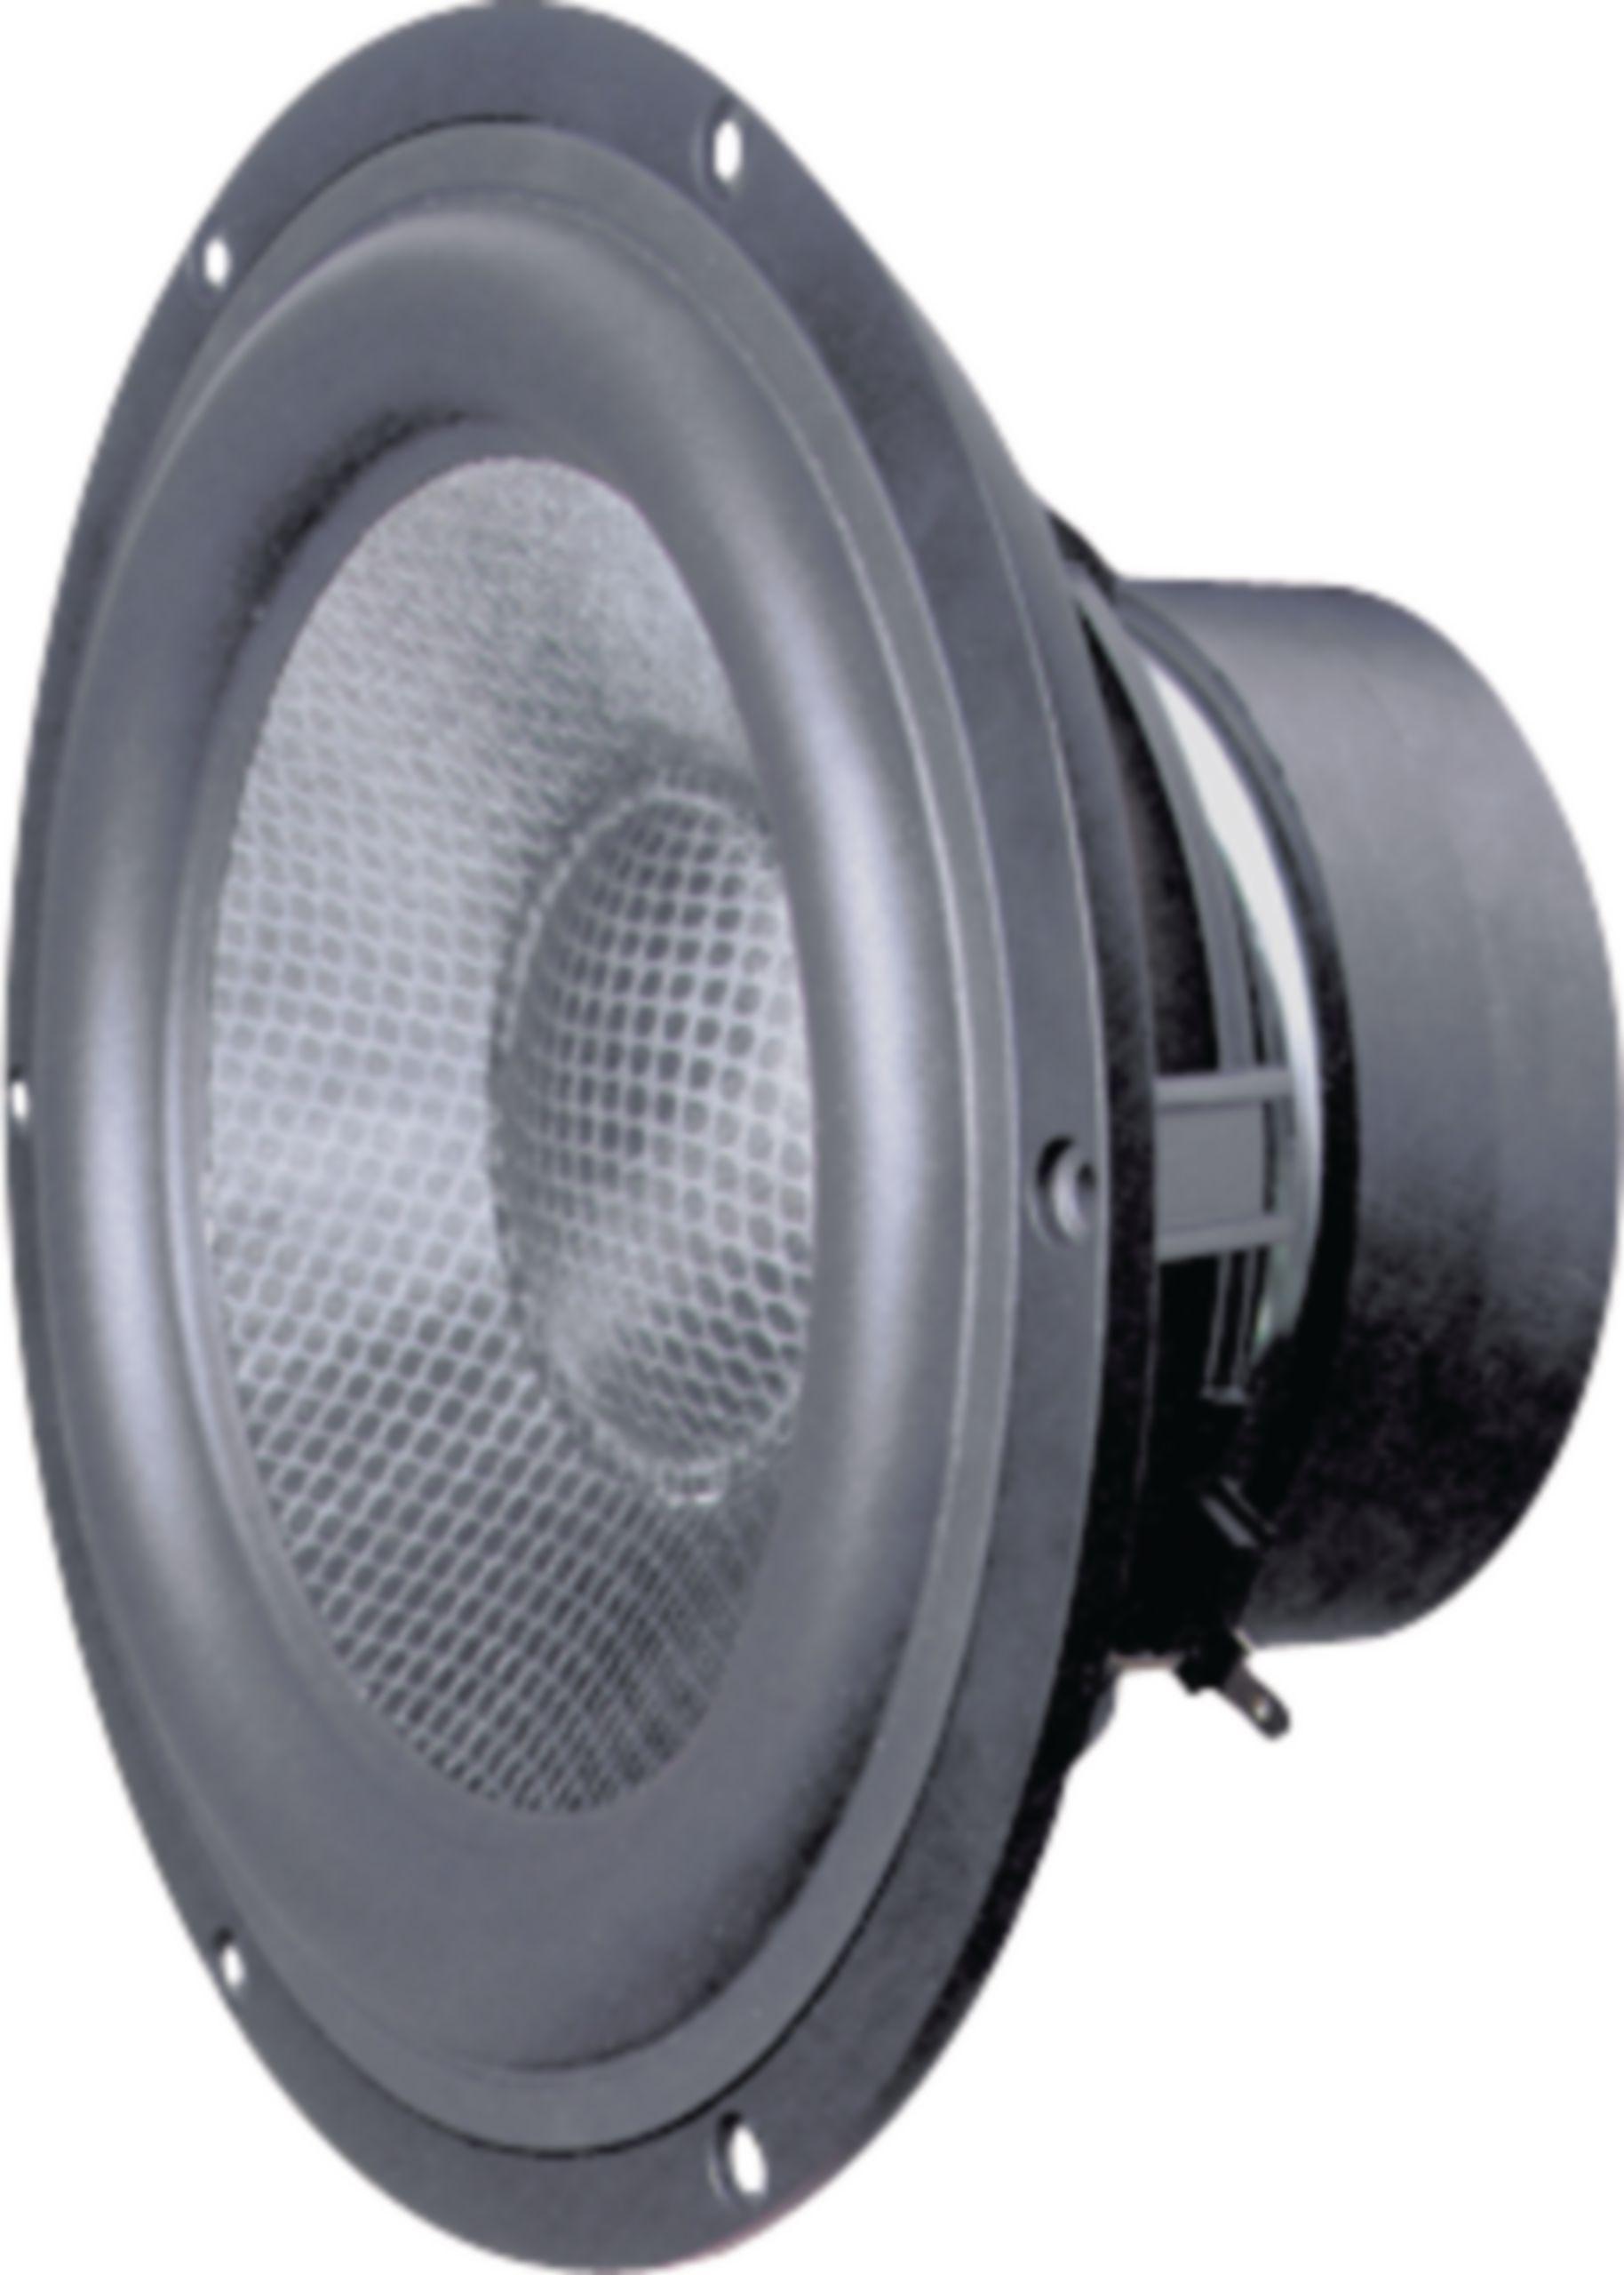 Basový reproduktor 4 Ohm 115 W Visaton, VS-W200S/4